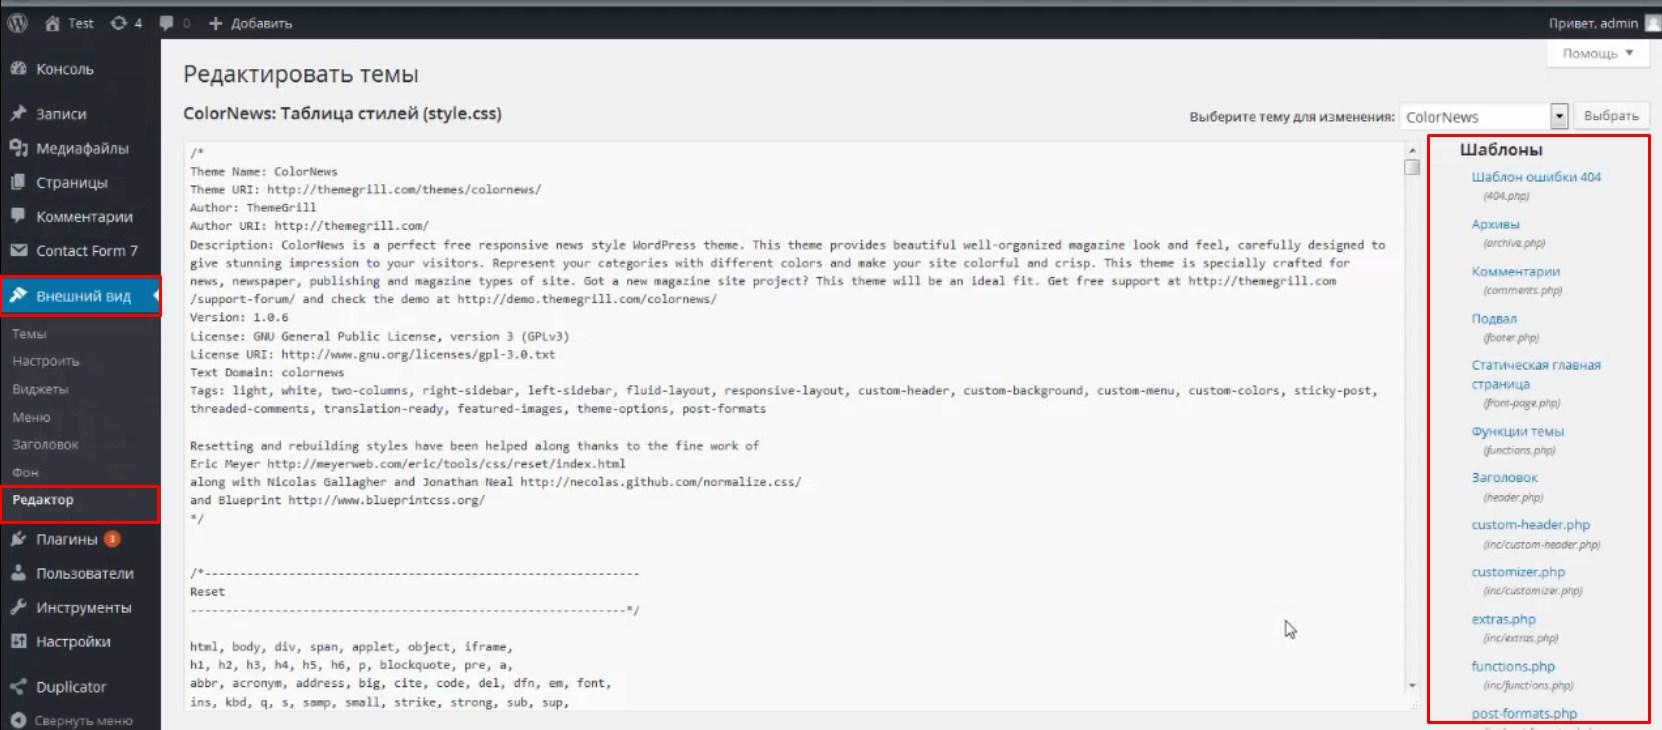 встроенный редактор WordPress